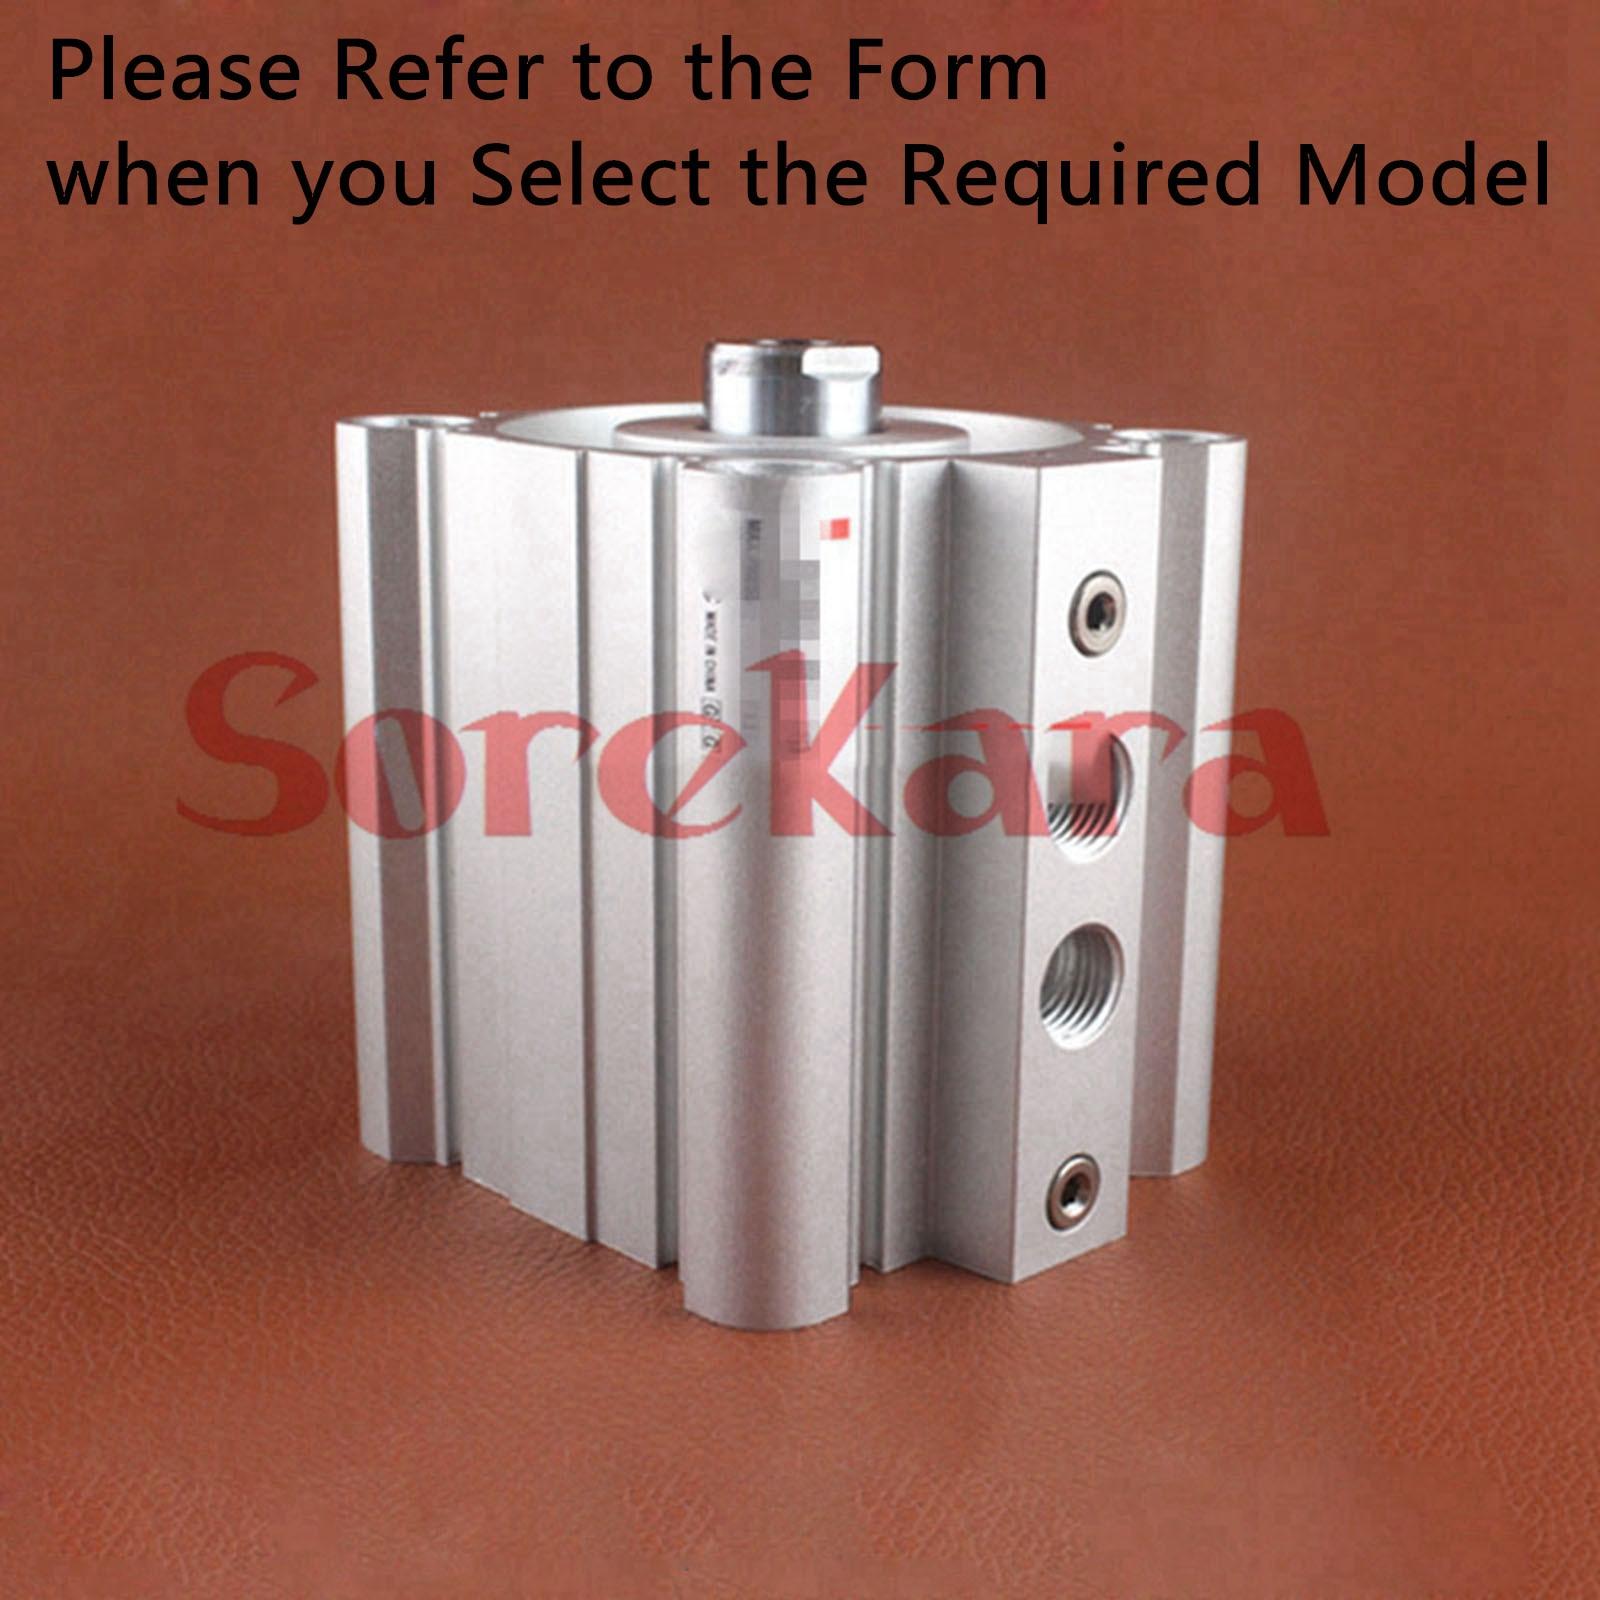 RQB20-15 RQB20-20 RQB20-25 RQB20-30 RQB20-40 RQB20-50 RQB25-15 Compact Air Cylinder with Air Cushion Through-hole (Standard)